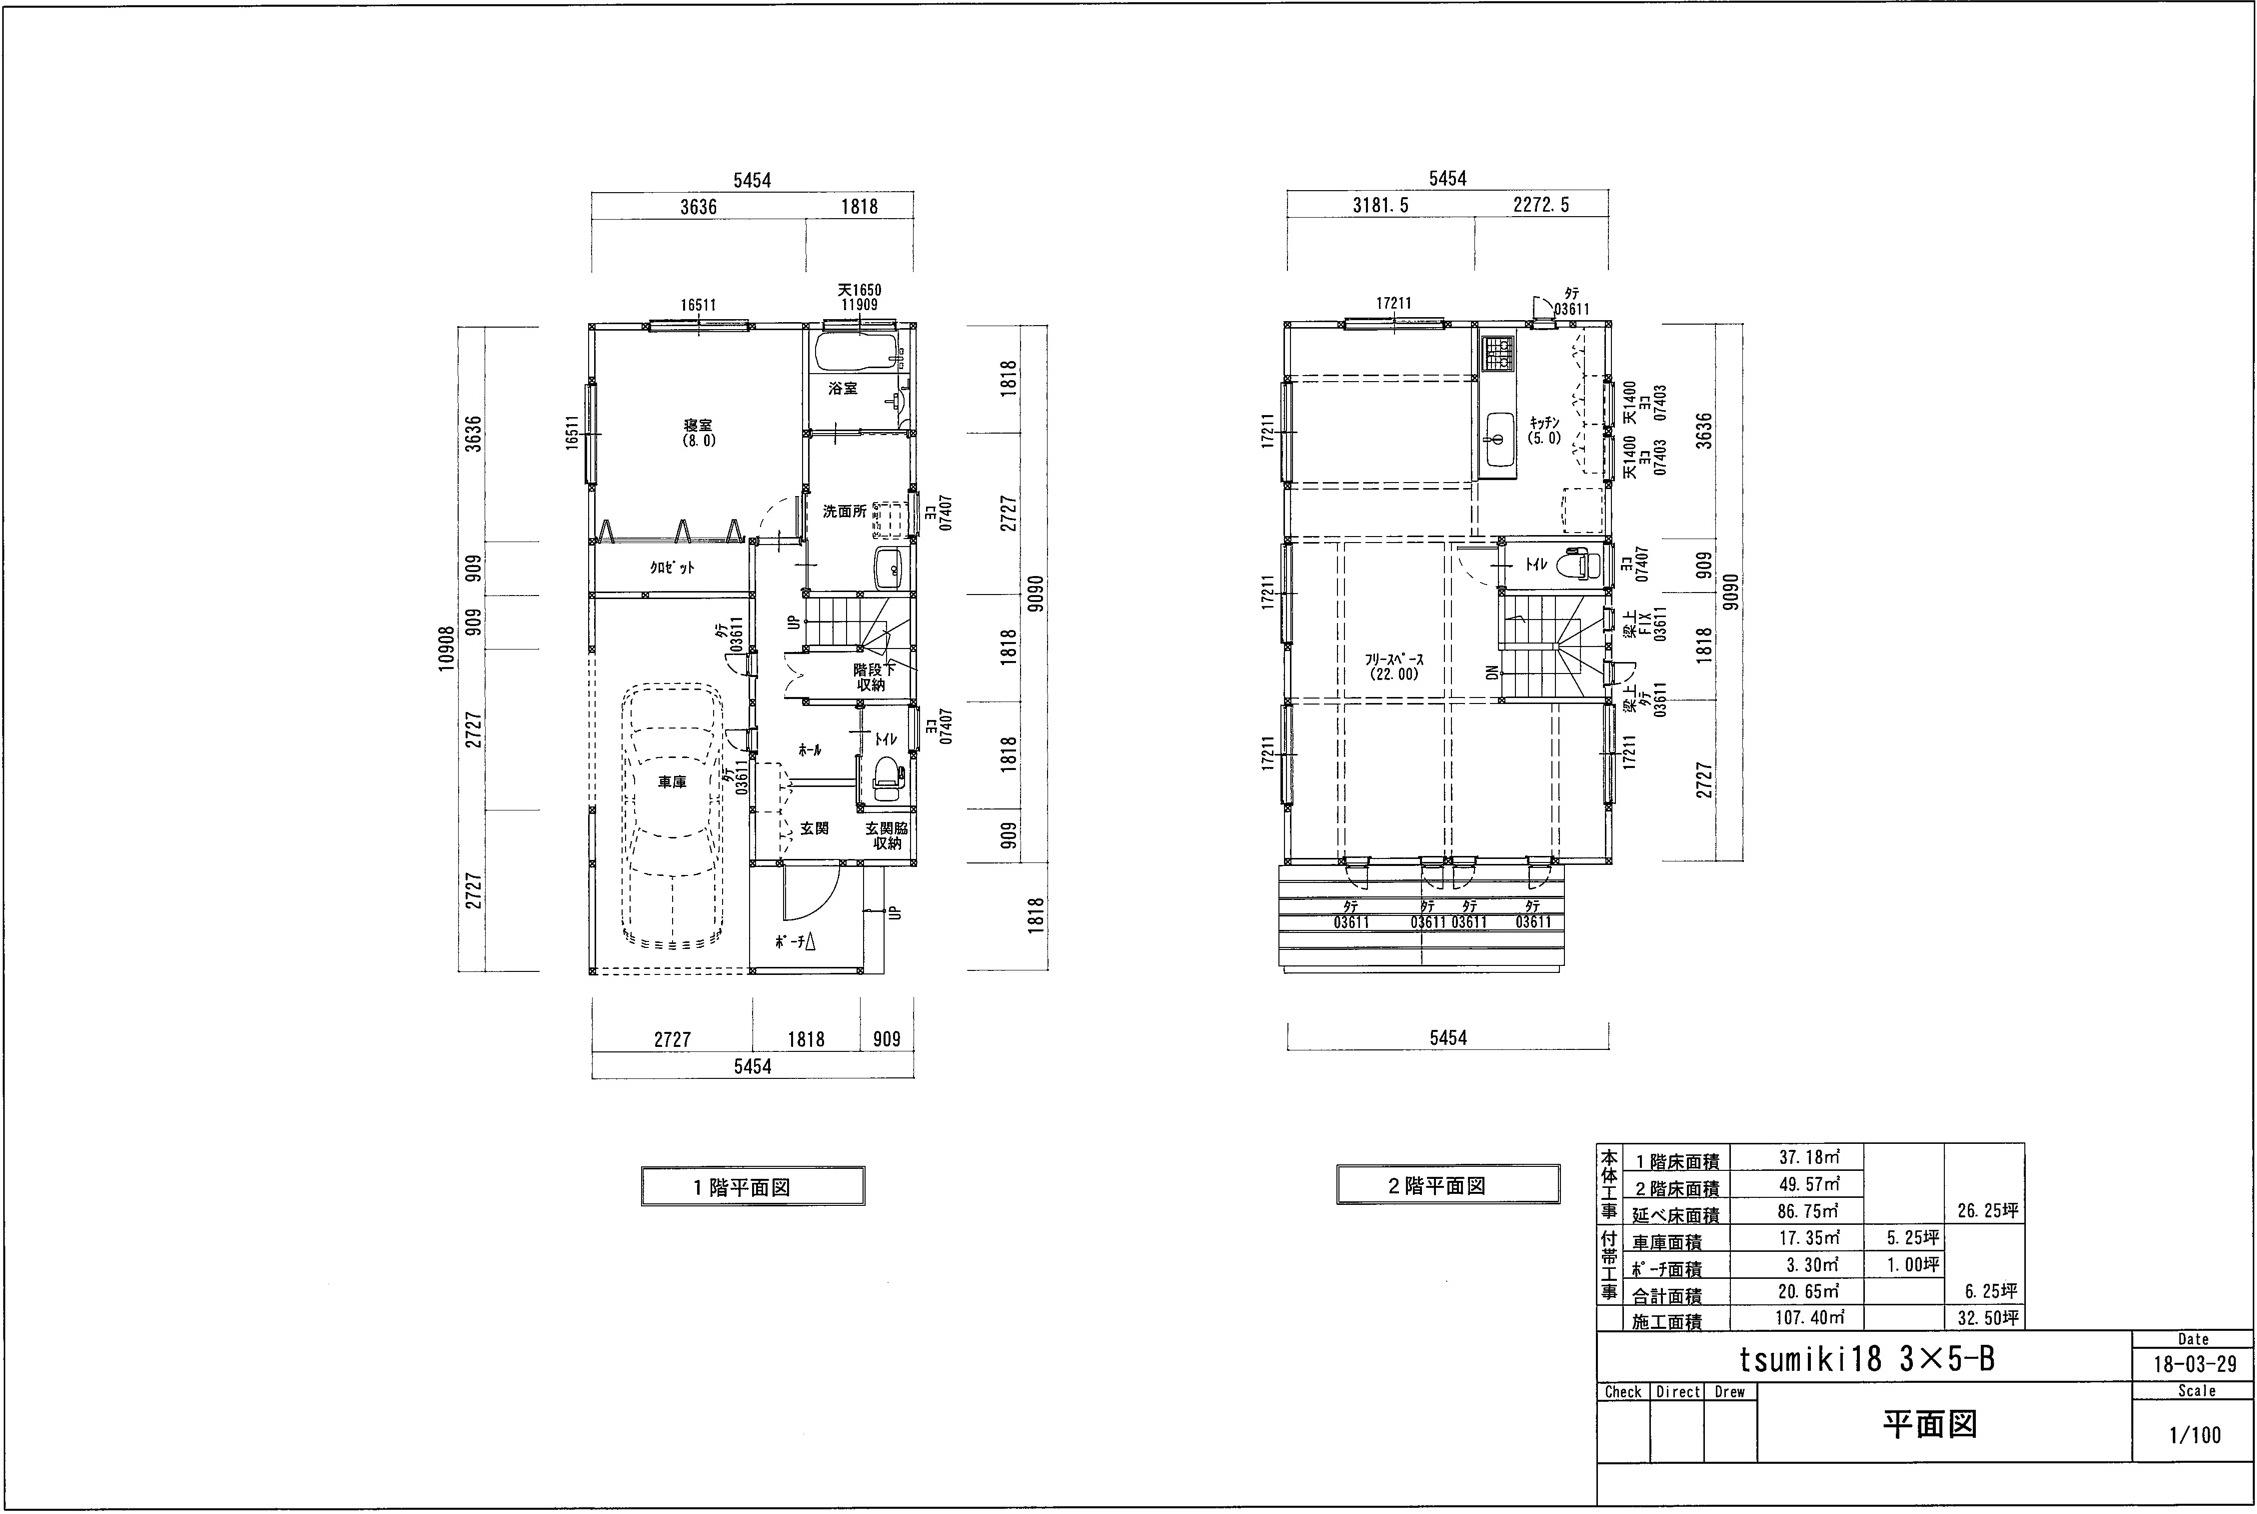 tsumiki 26.25坪(3×5-B)/1,750万円+税